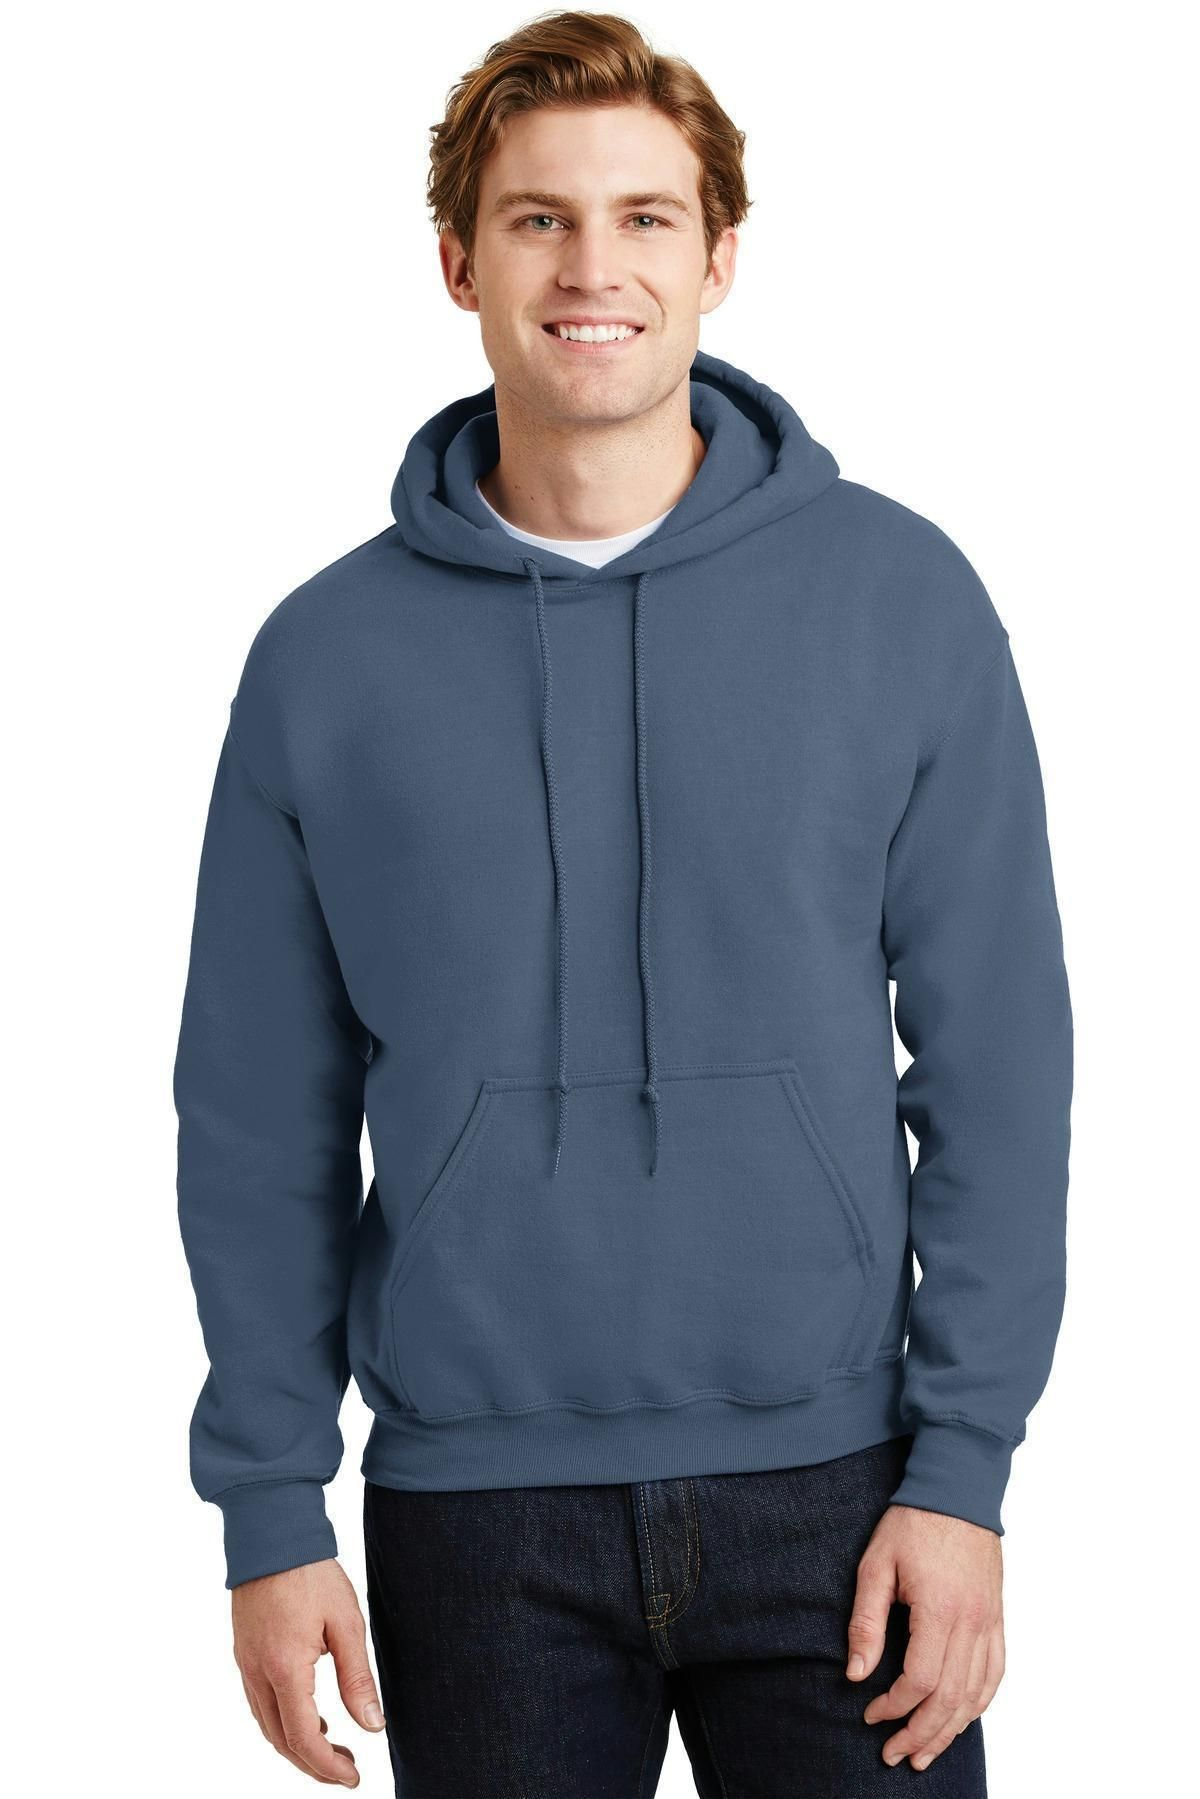 Purple Gildan Plain Hooded Heavy Blend Sweatshirt Pullover mens hoodie